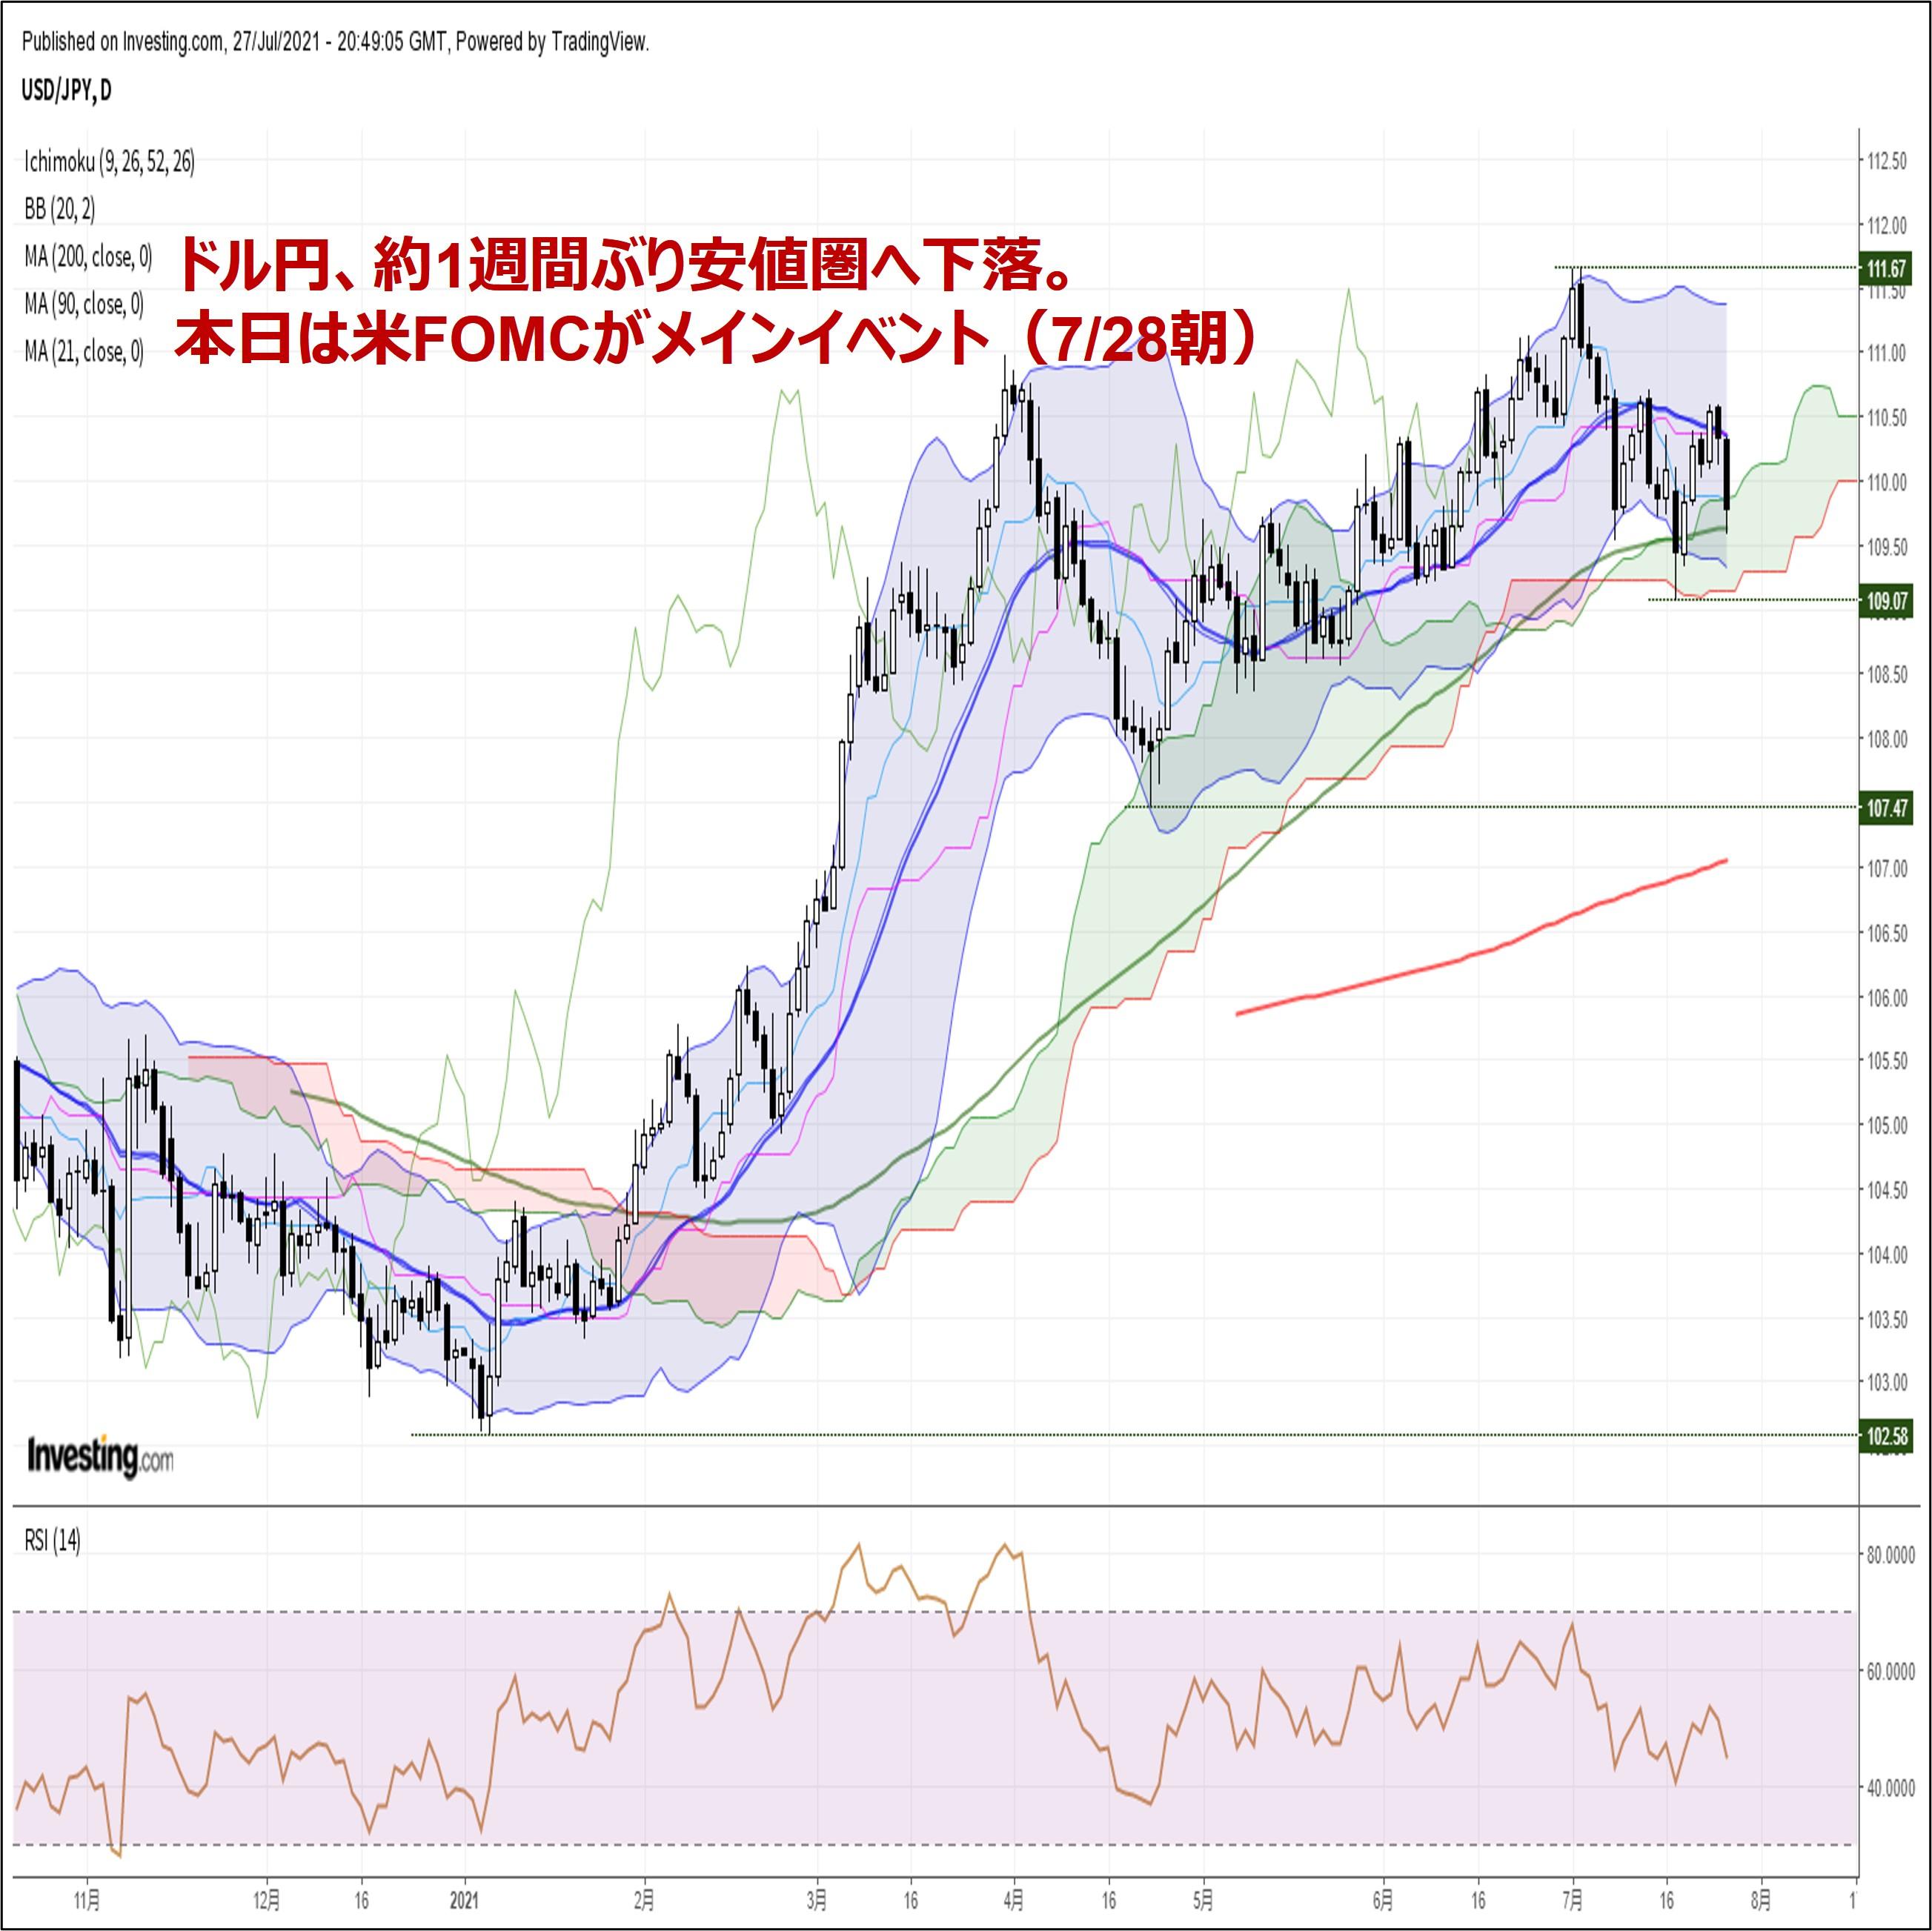 ドル円、約1週間ぶり安値圏へ下落。本日は米FOMCがメインイベント